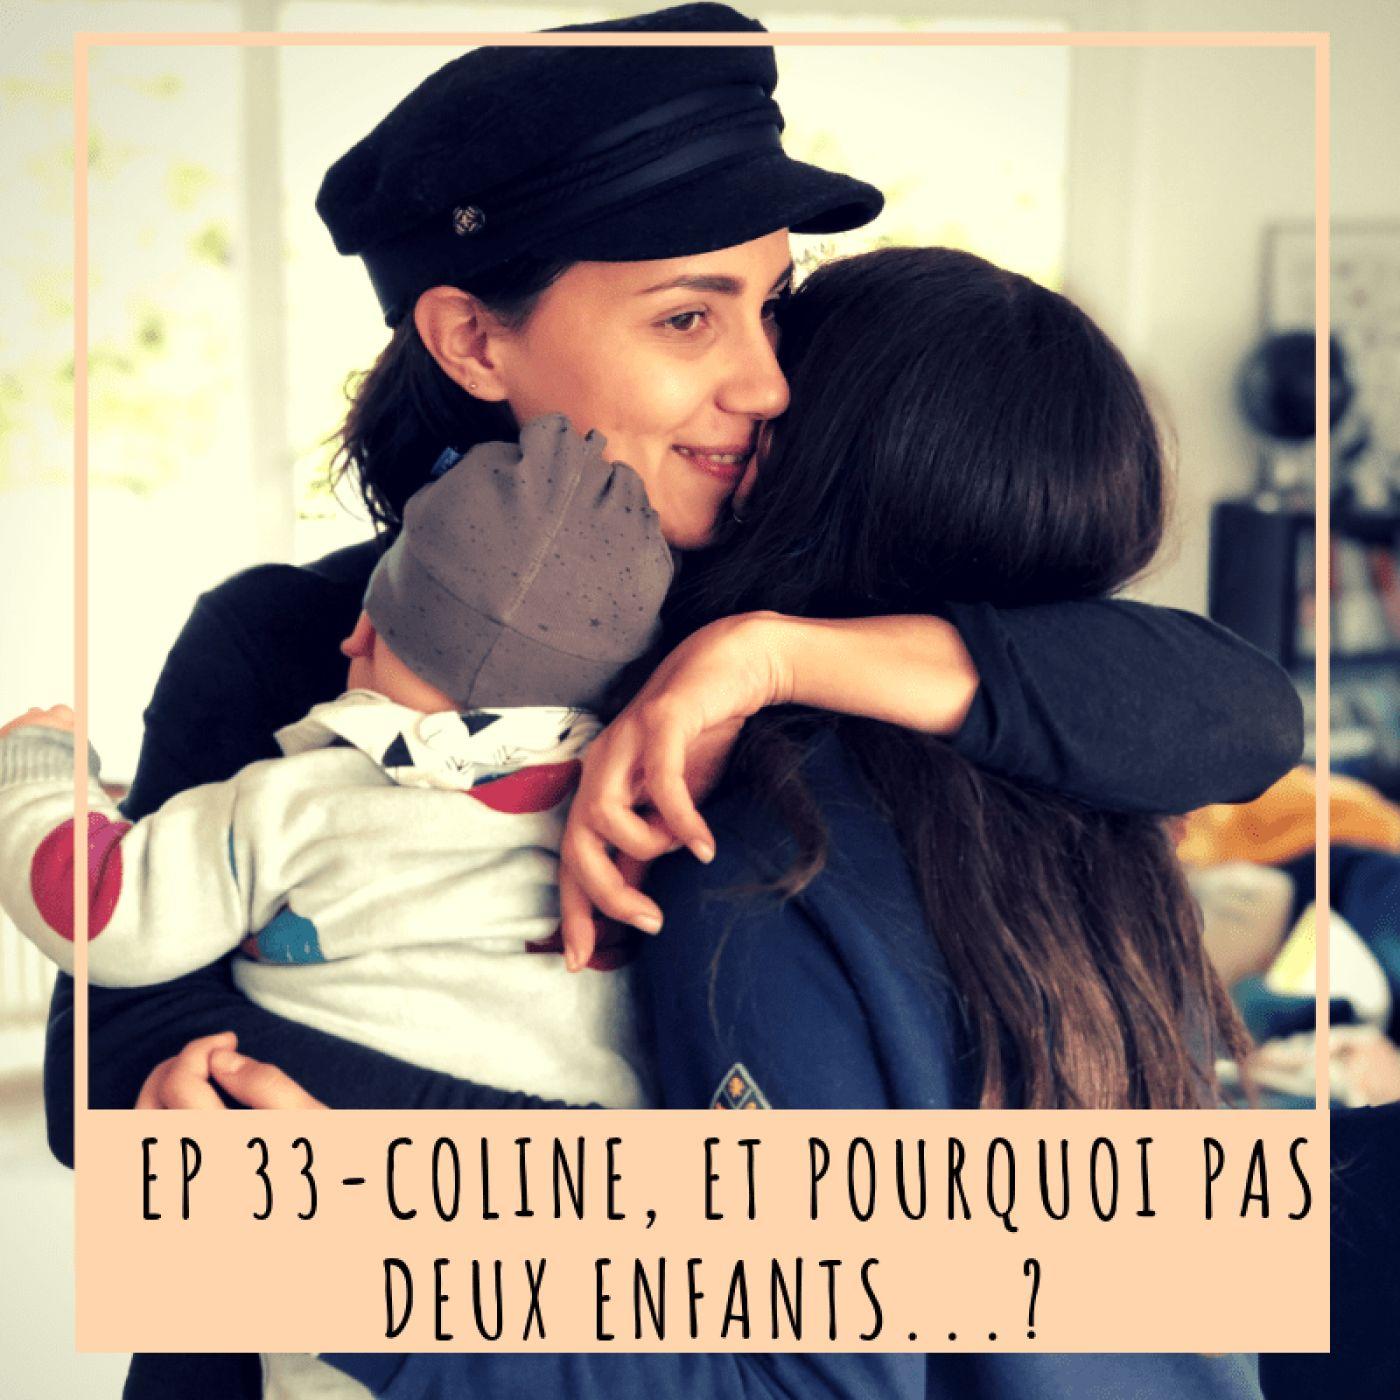 EP 33 - COLINE, ET POURQUOI PAS DEUX ENFANTS?